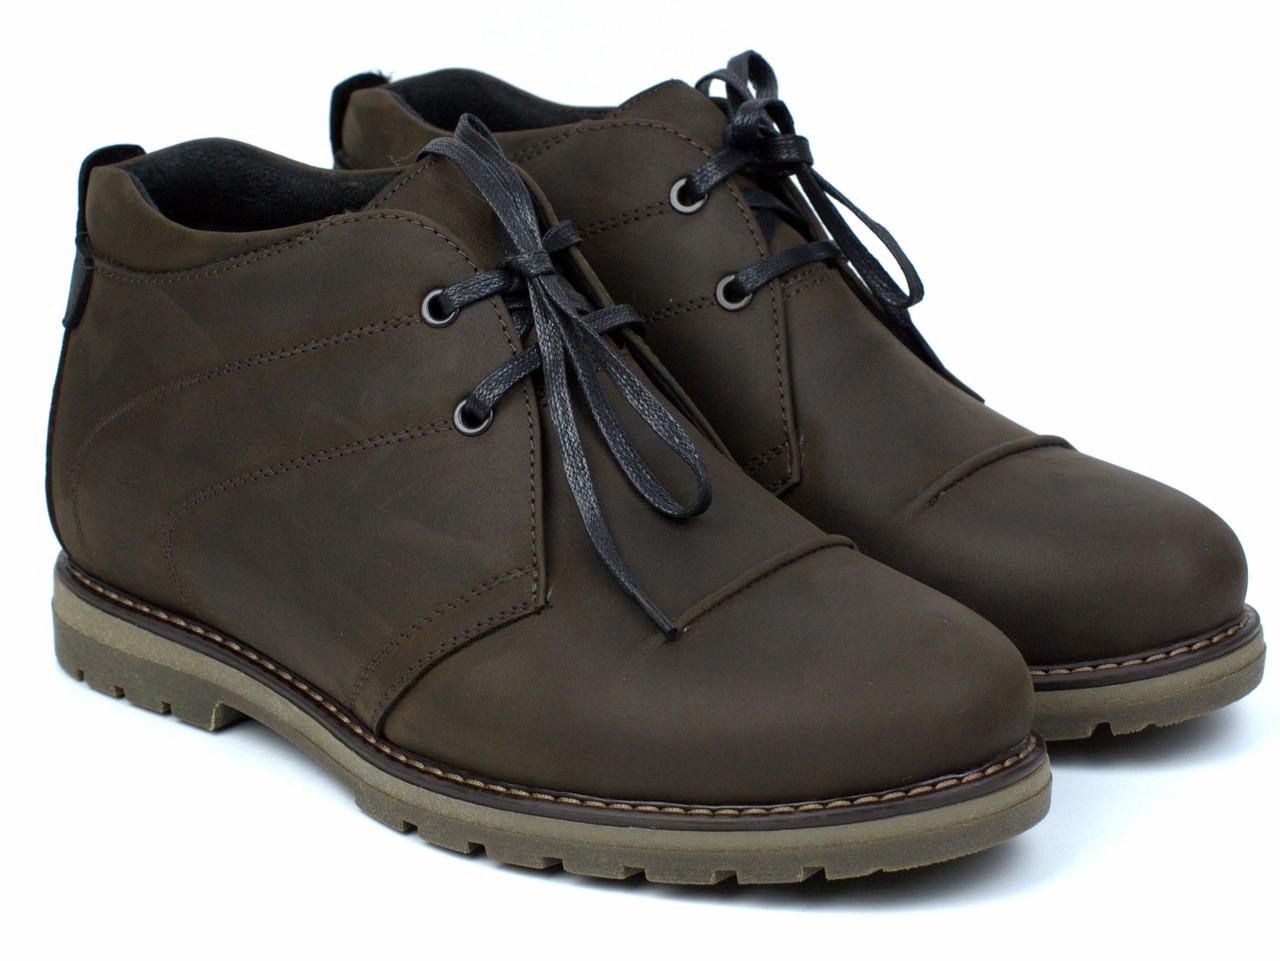 Чоботи зимові шкіряні коричневі чоловіче взуття великих розмірів Rosso Avangard WinterkingZ Brown BS